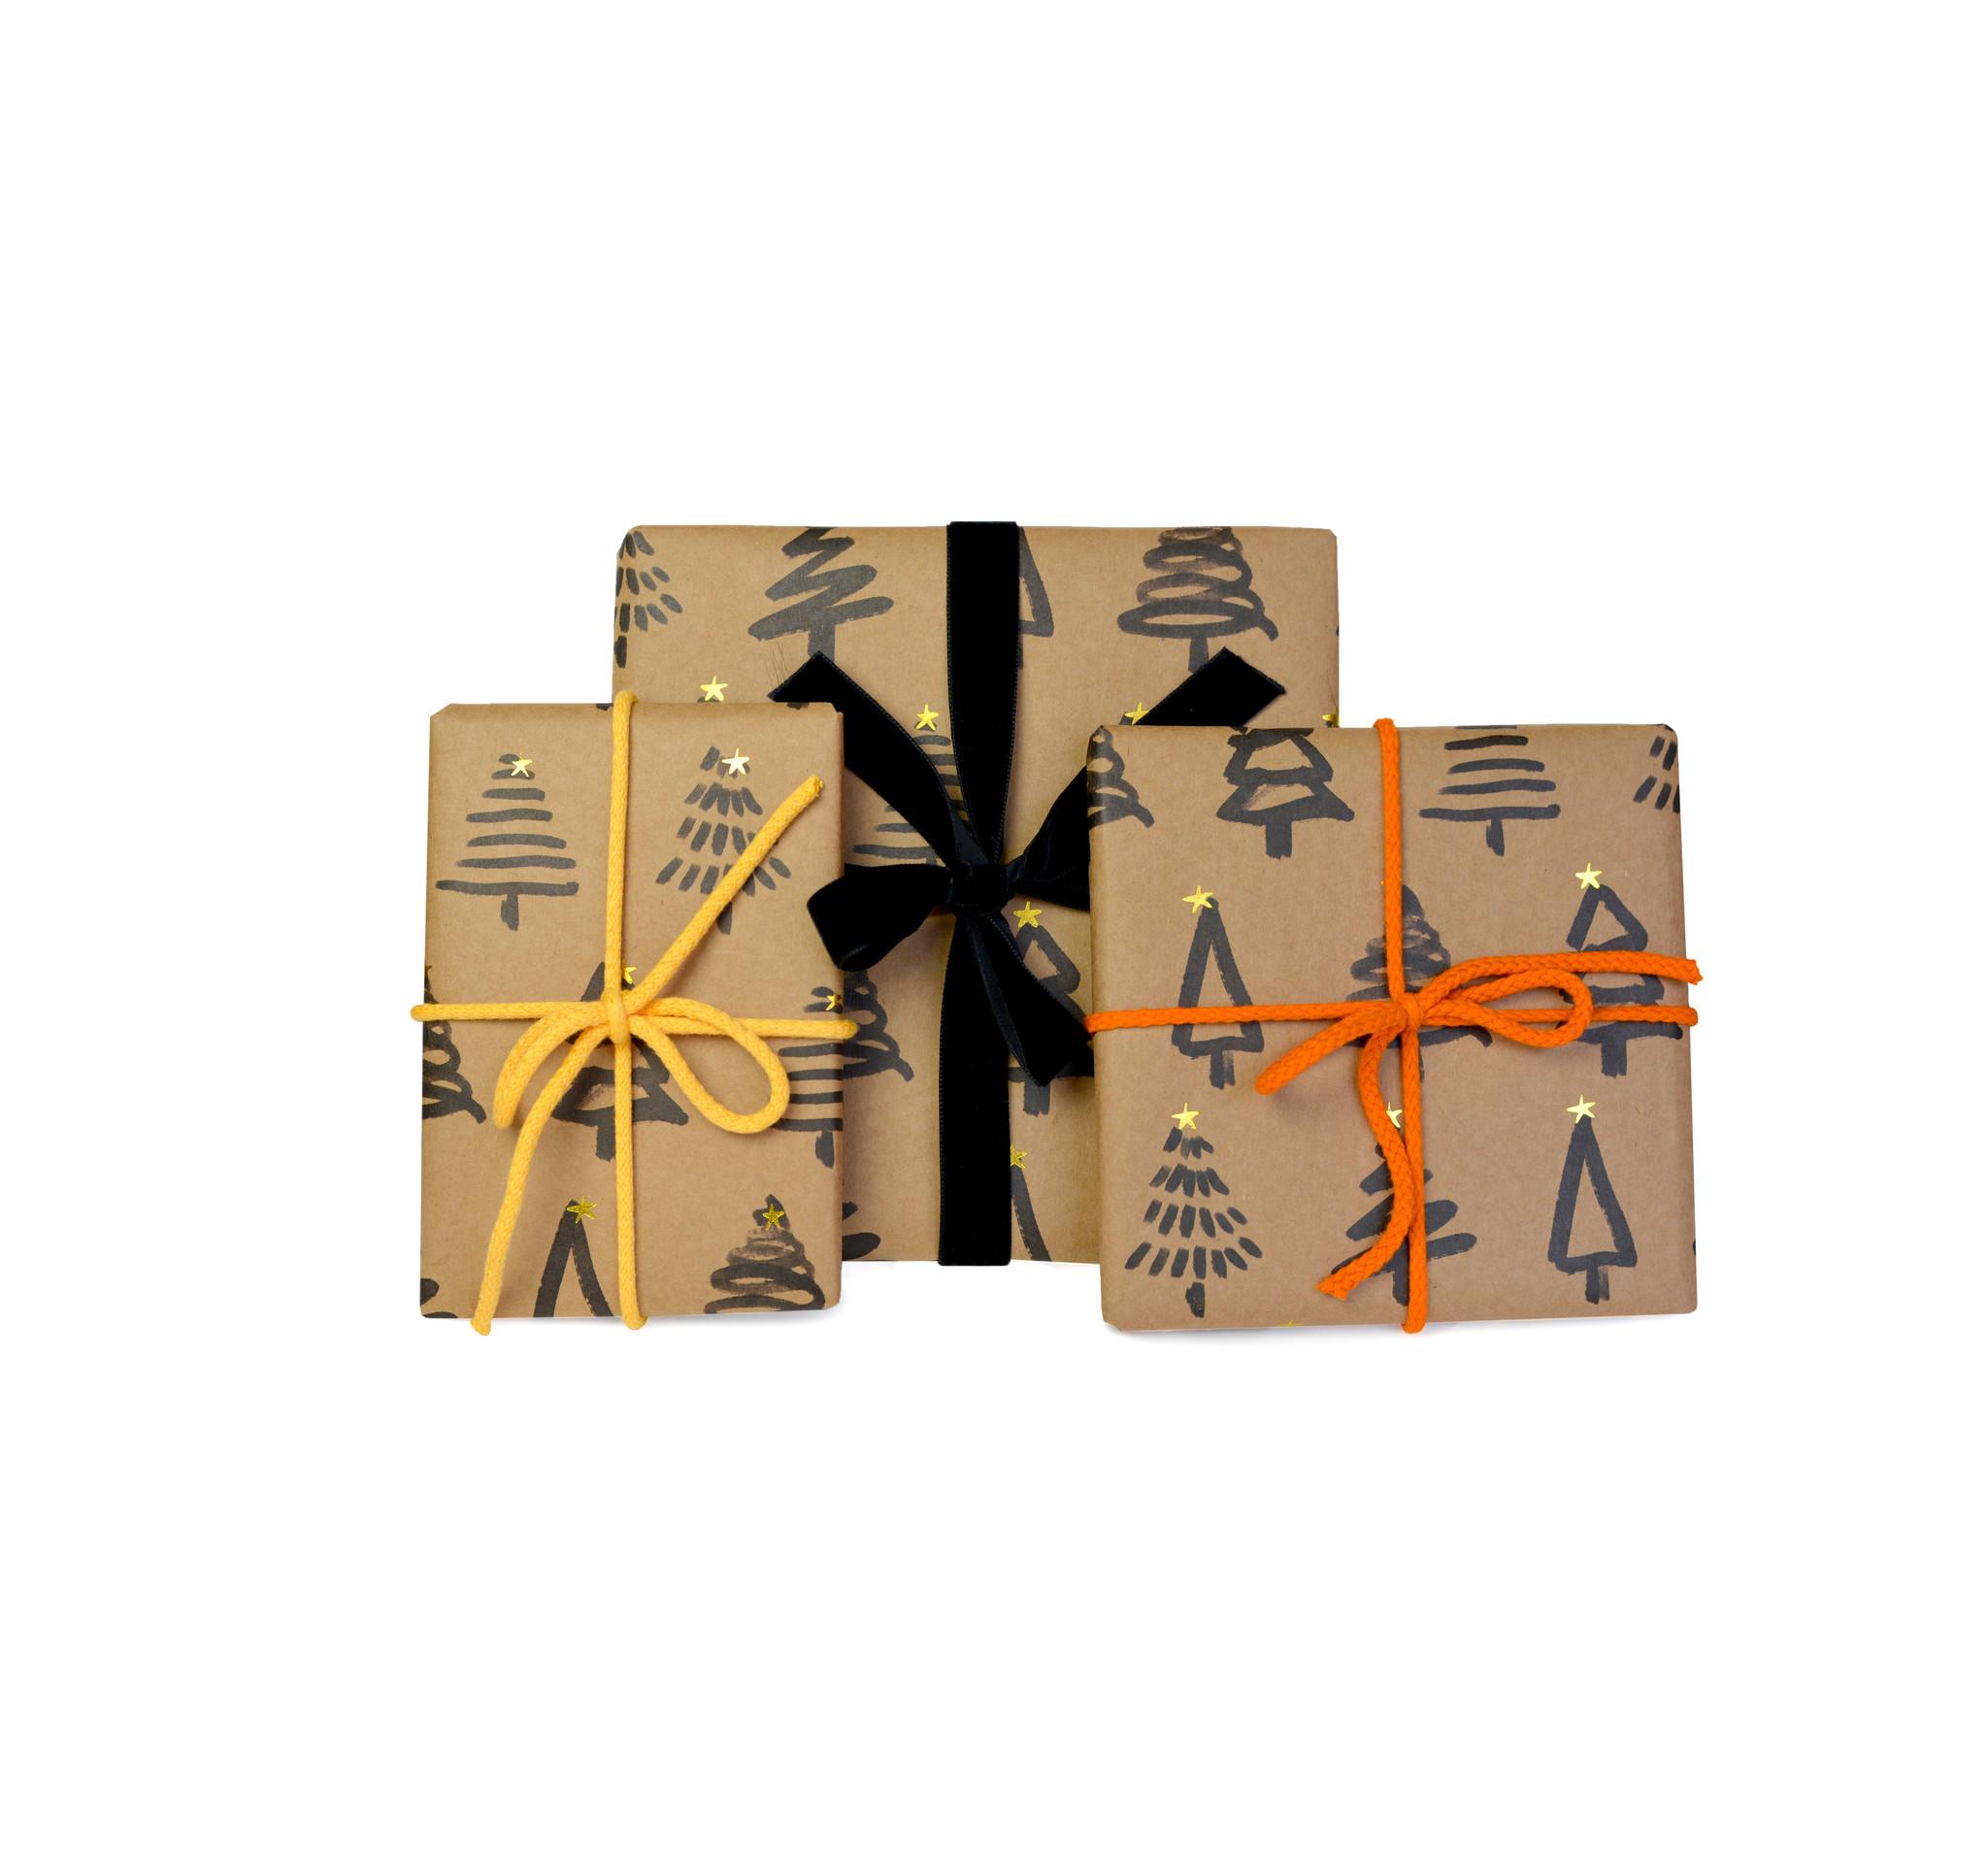 X-Mas-Geschenkpapier (3er Set)